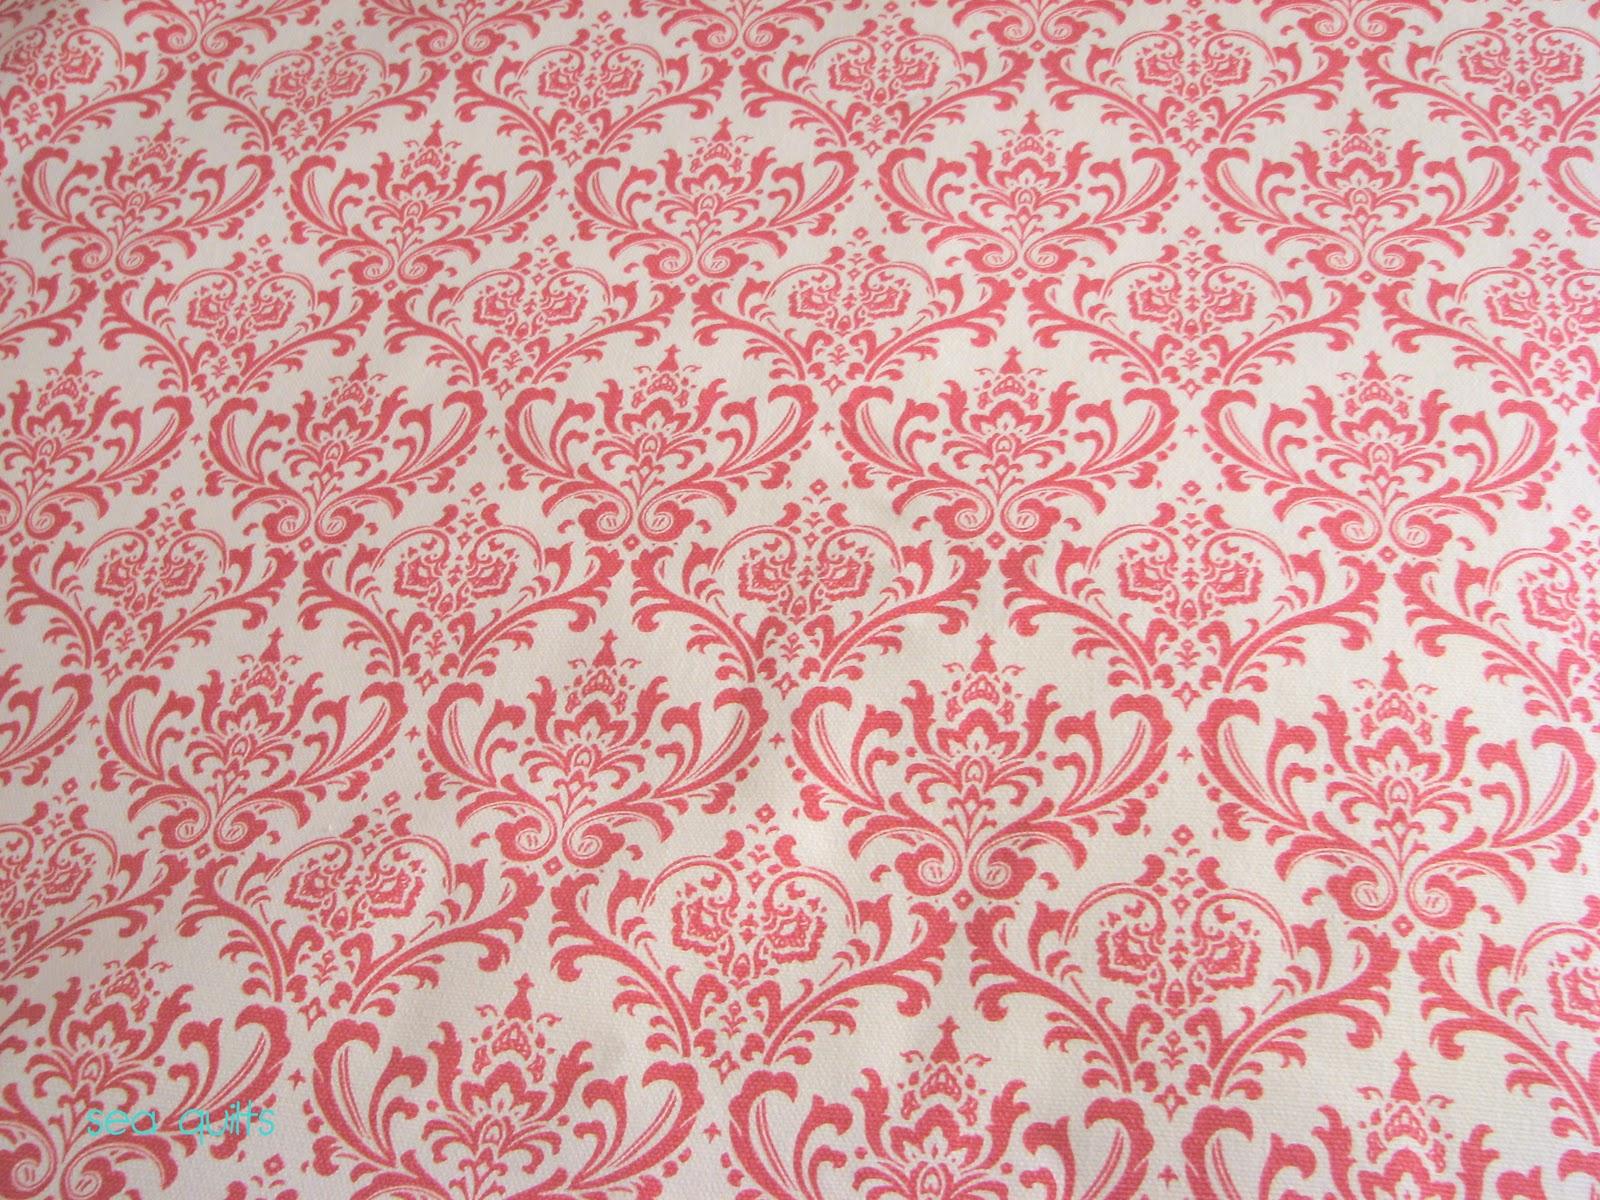 Pretty pink patterns - photo#1